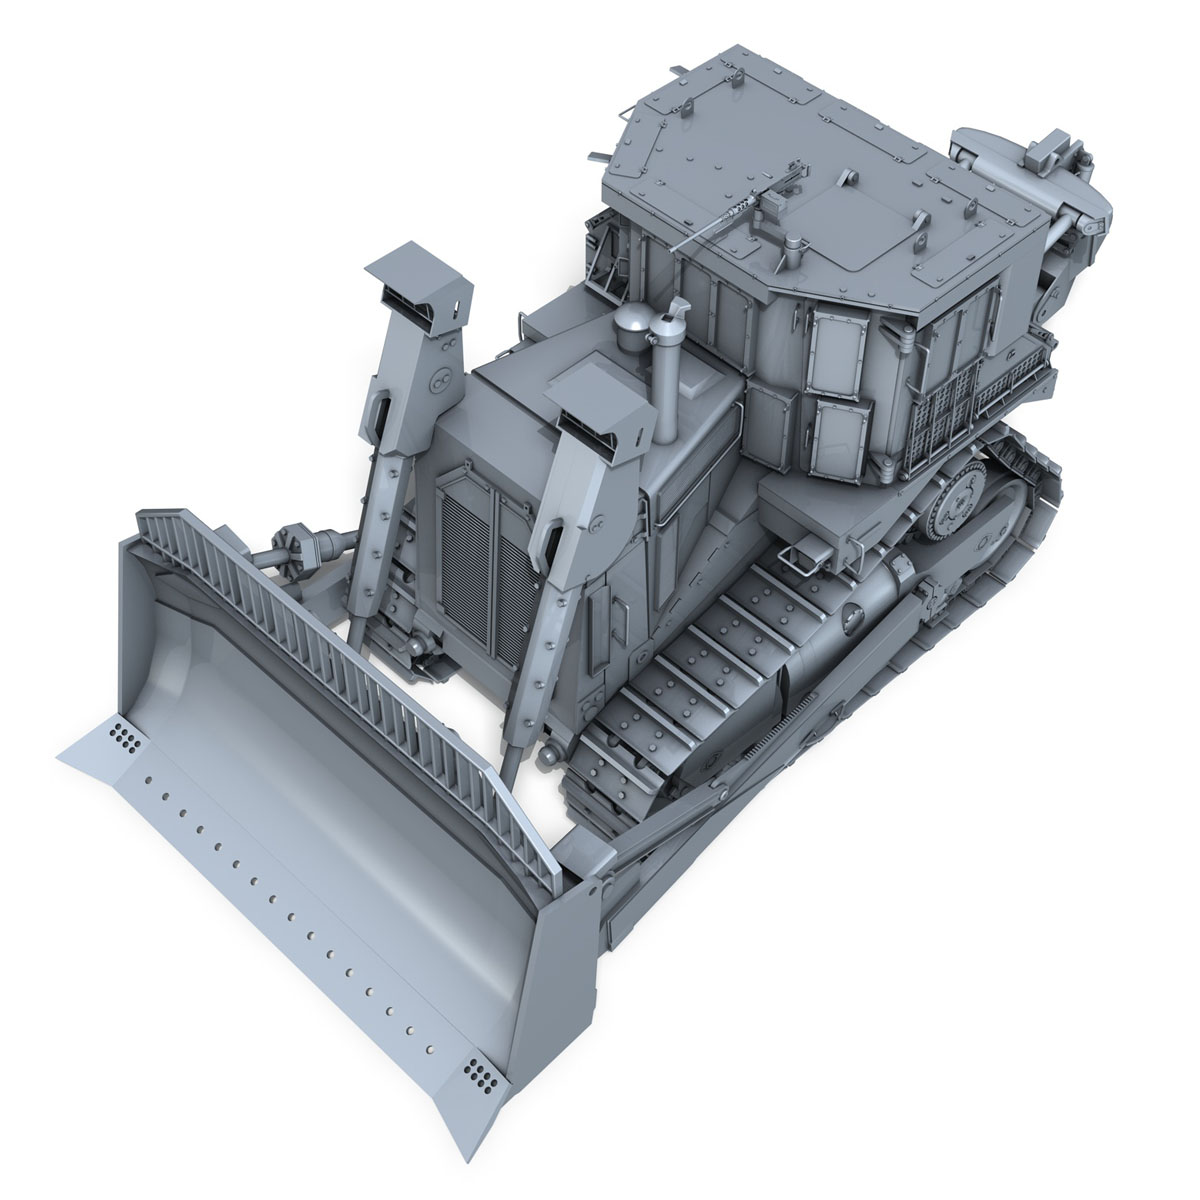 хуягт муур d9r bulldozer 3d загвар 3ds fbx c4d lwo obj 201404